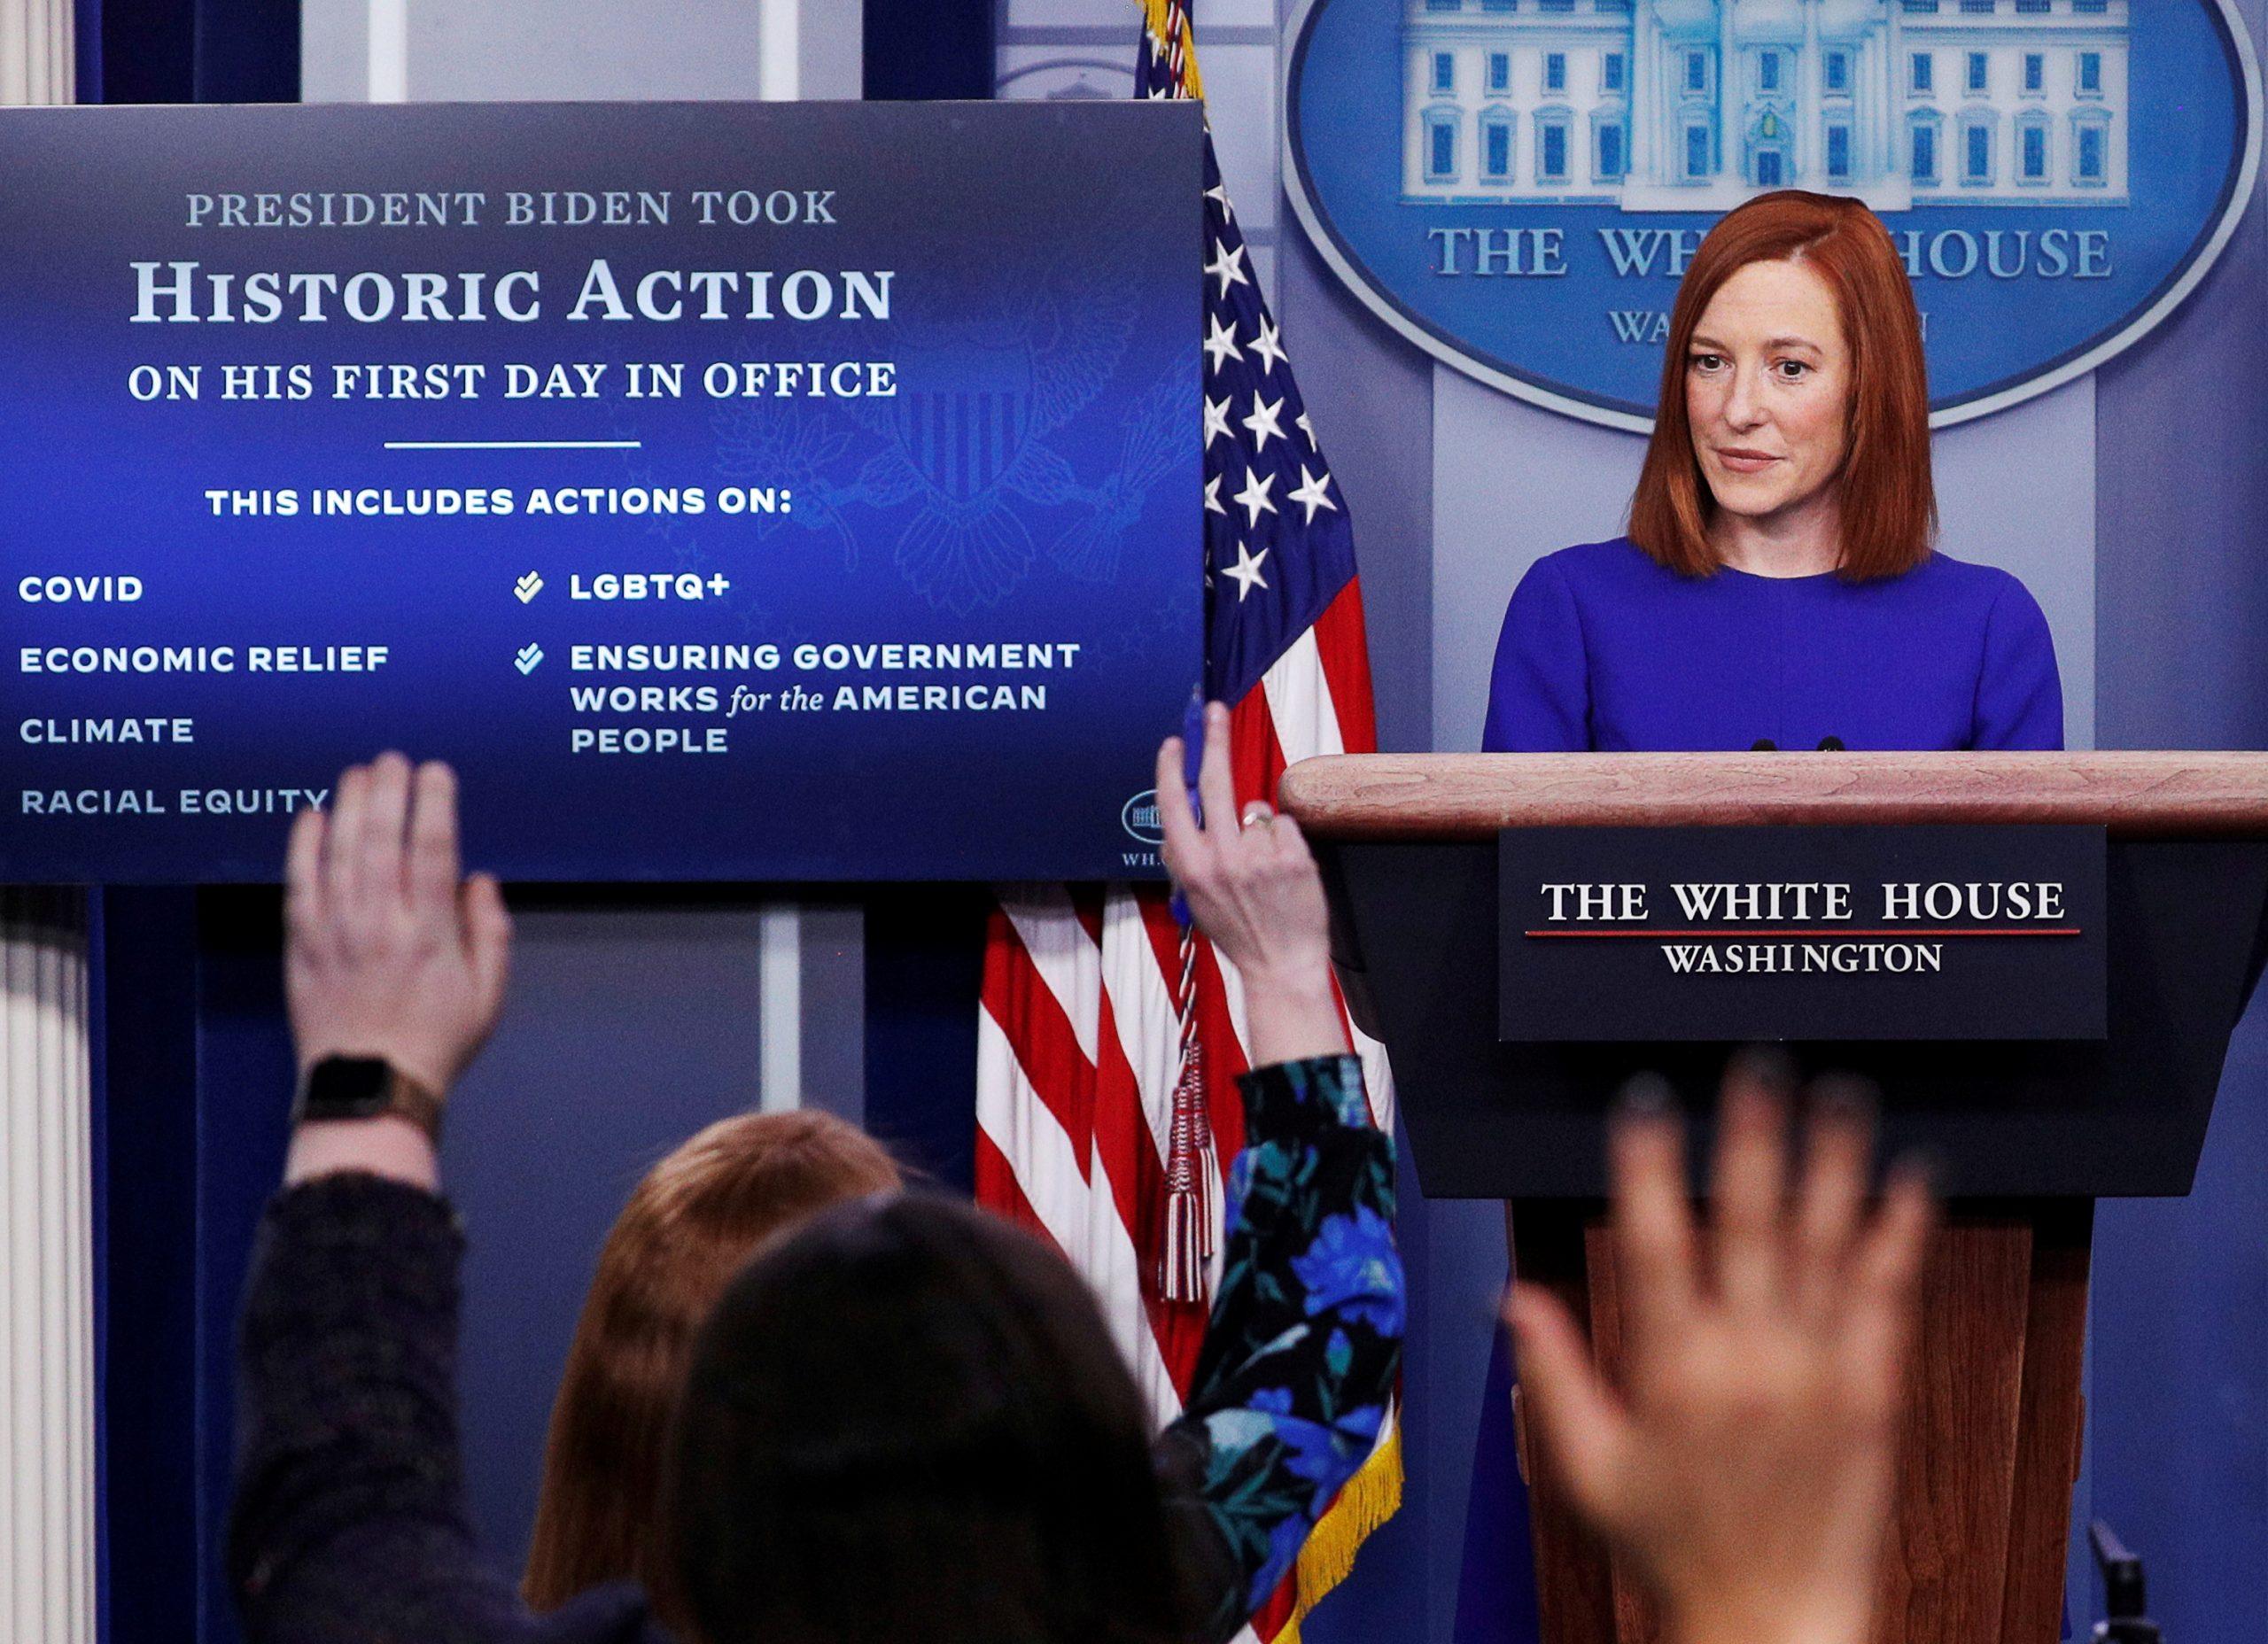 Rechazan criterios de Donald Trump en materia migratoria Washington. Prensa Latina